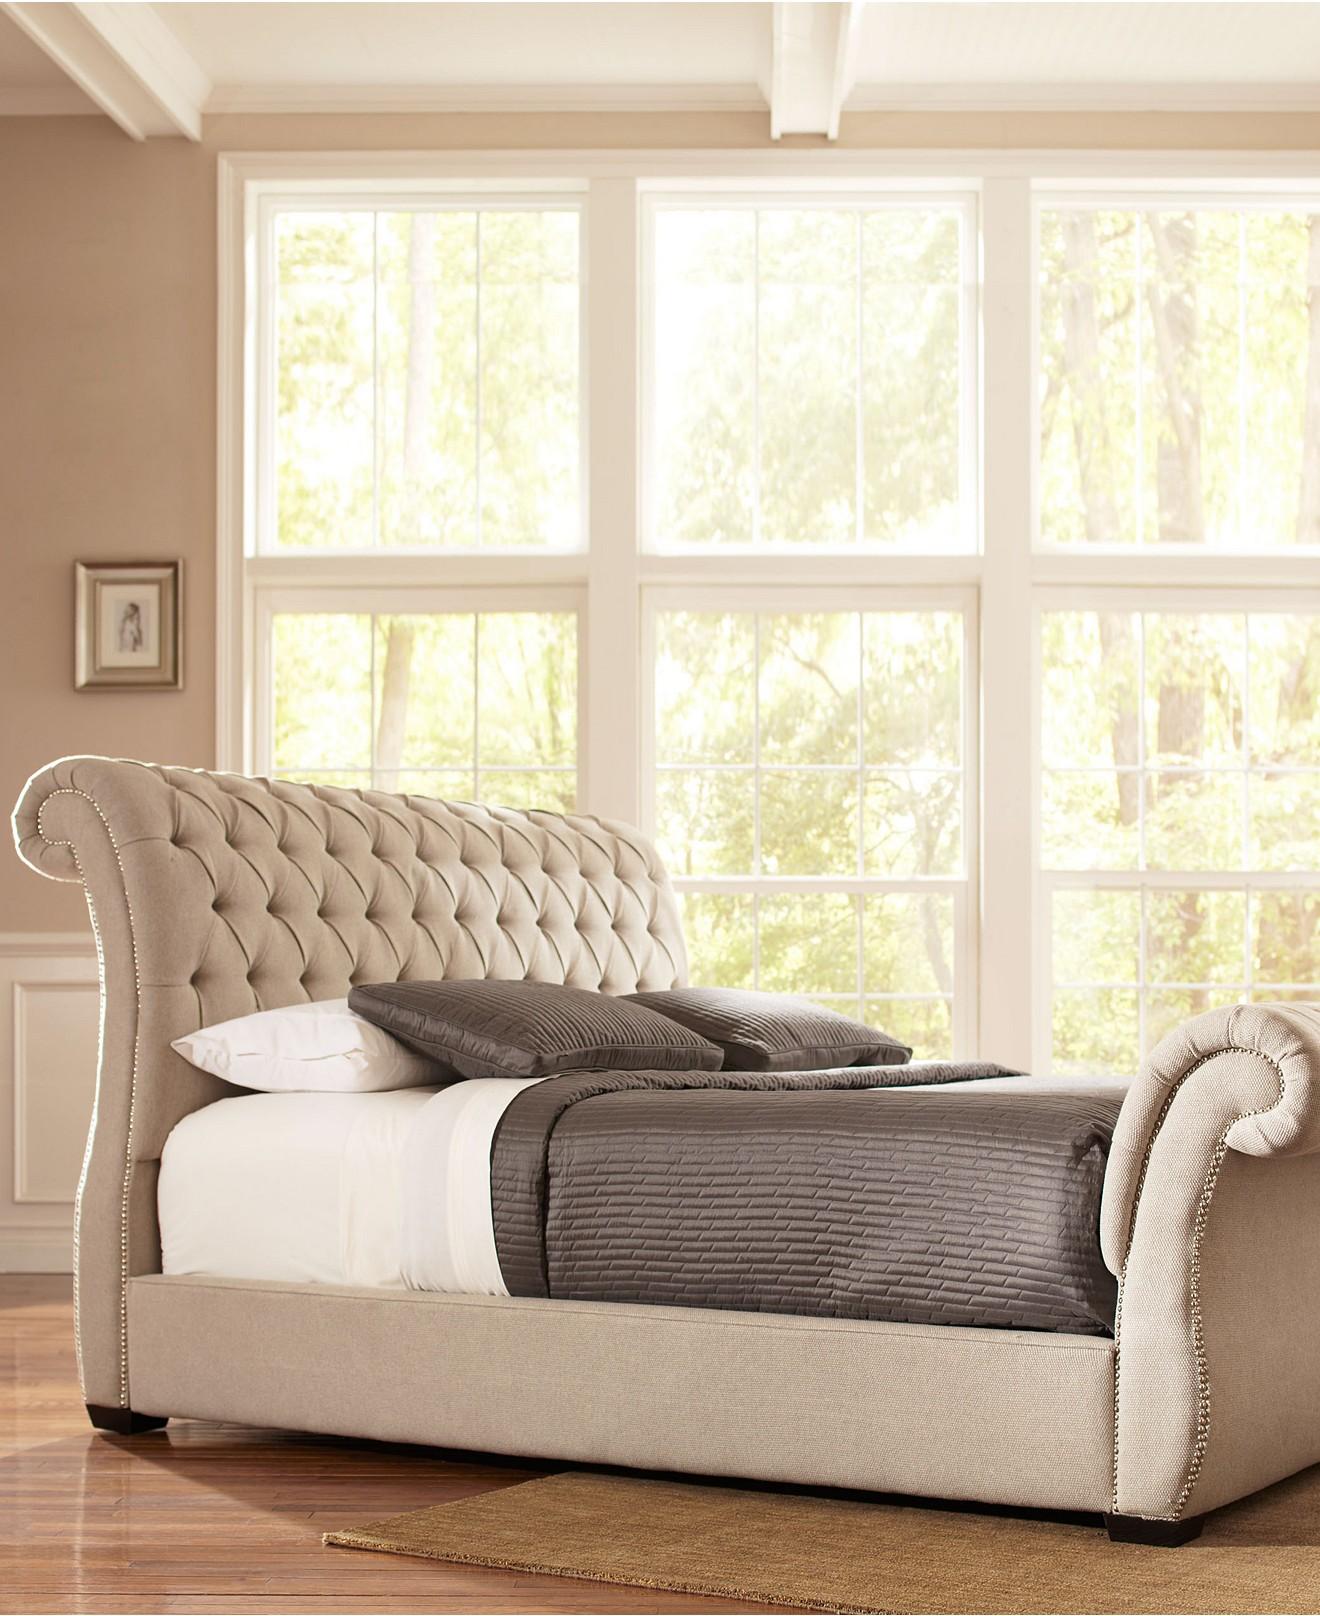 Macys Bedroom Furniture Paul Bashe Kaylie Mcclelands Wedding Registry